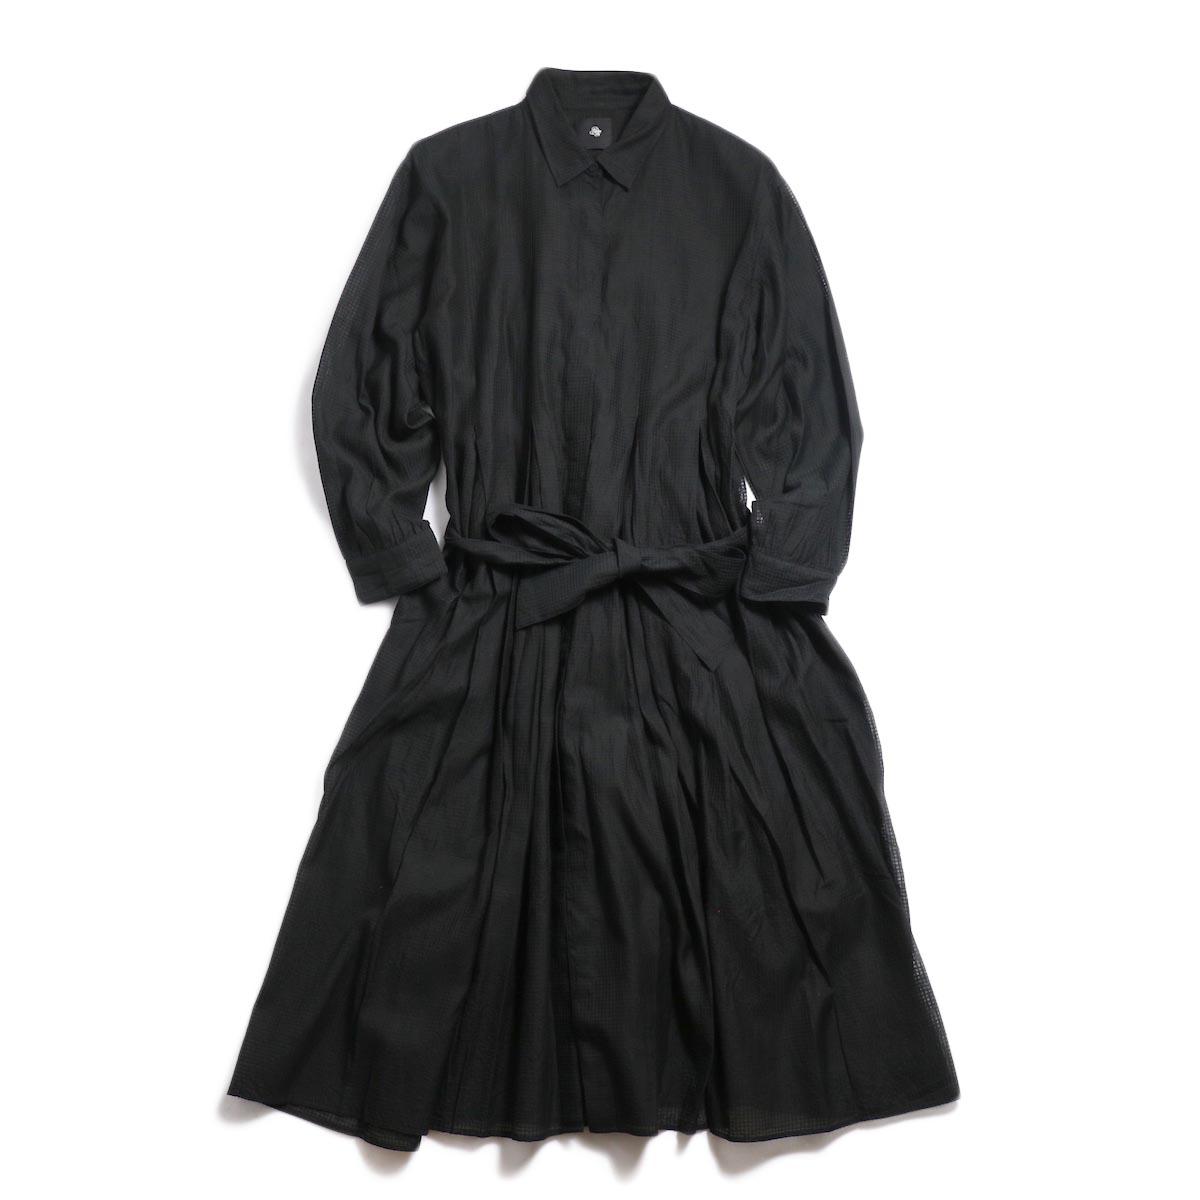 maison de soil / Inverted Pleat Shirt Dress -Black